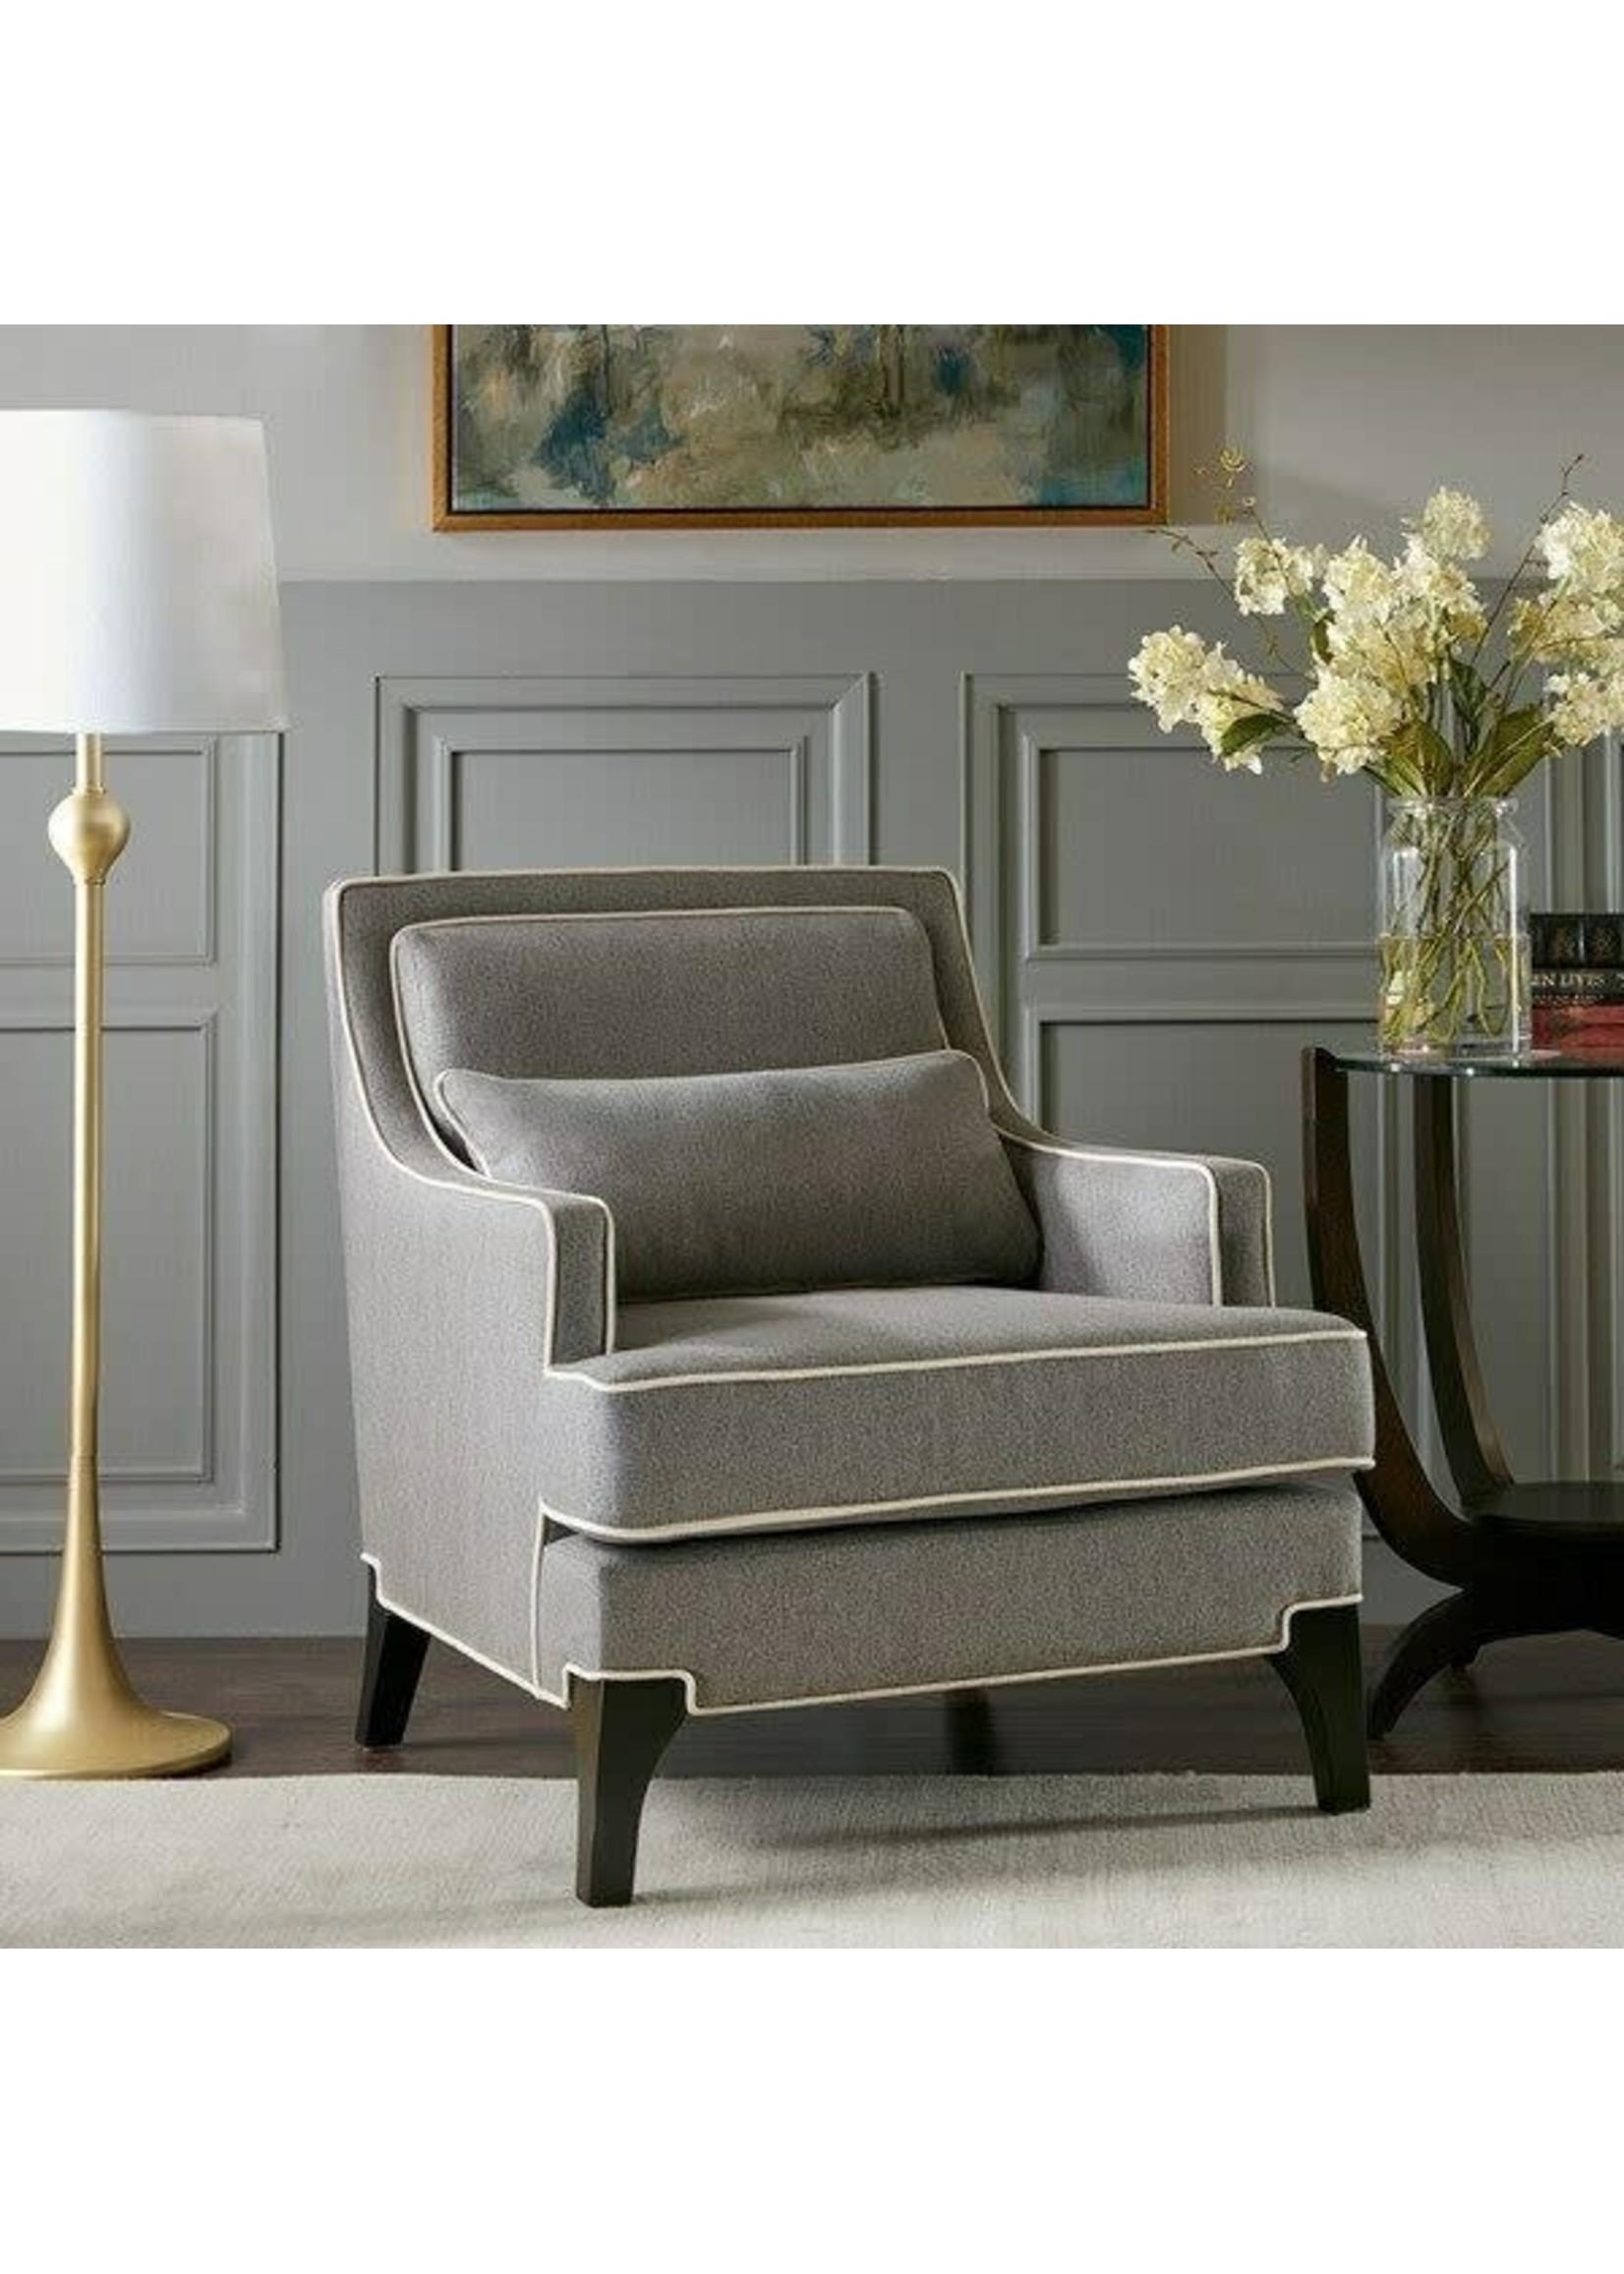 Olliix OLLIIX Collin Arm Chair Grey Black